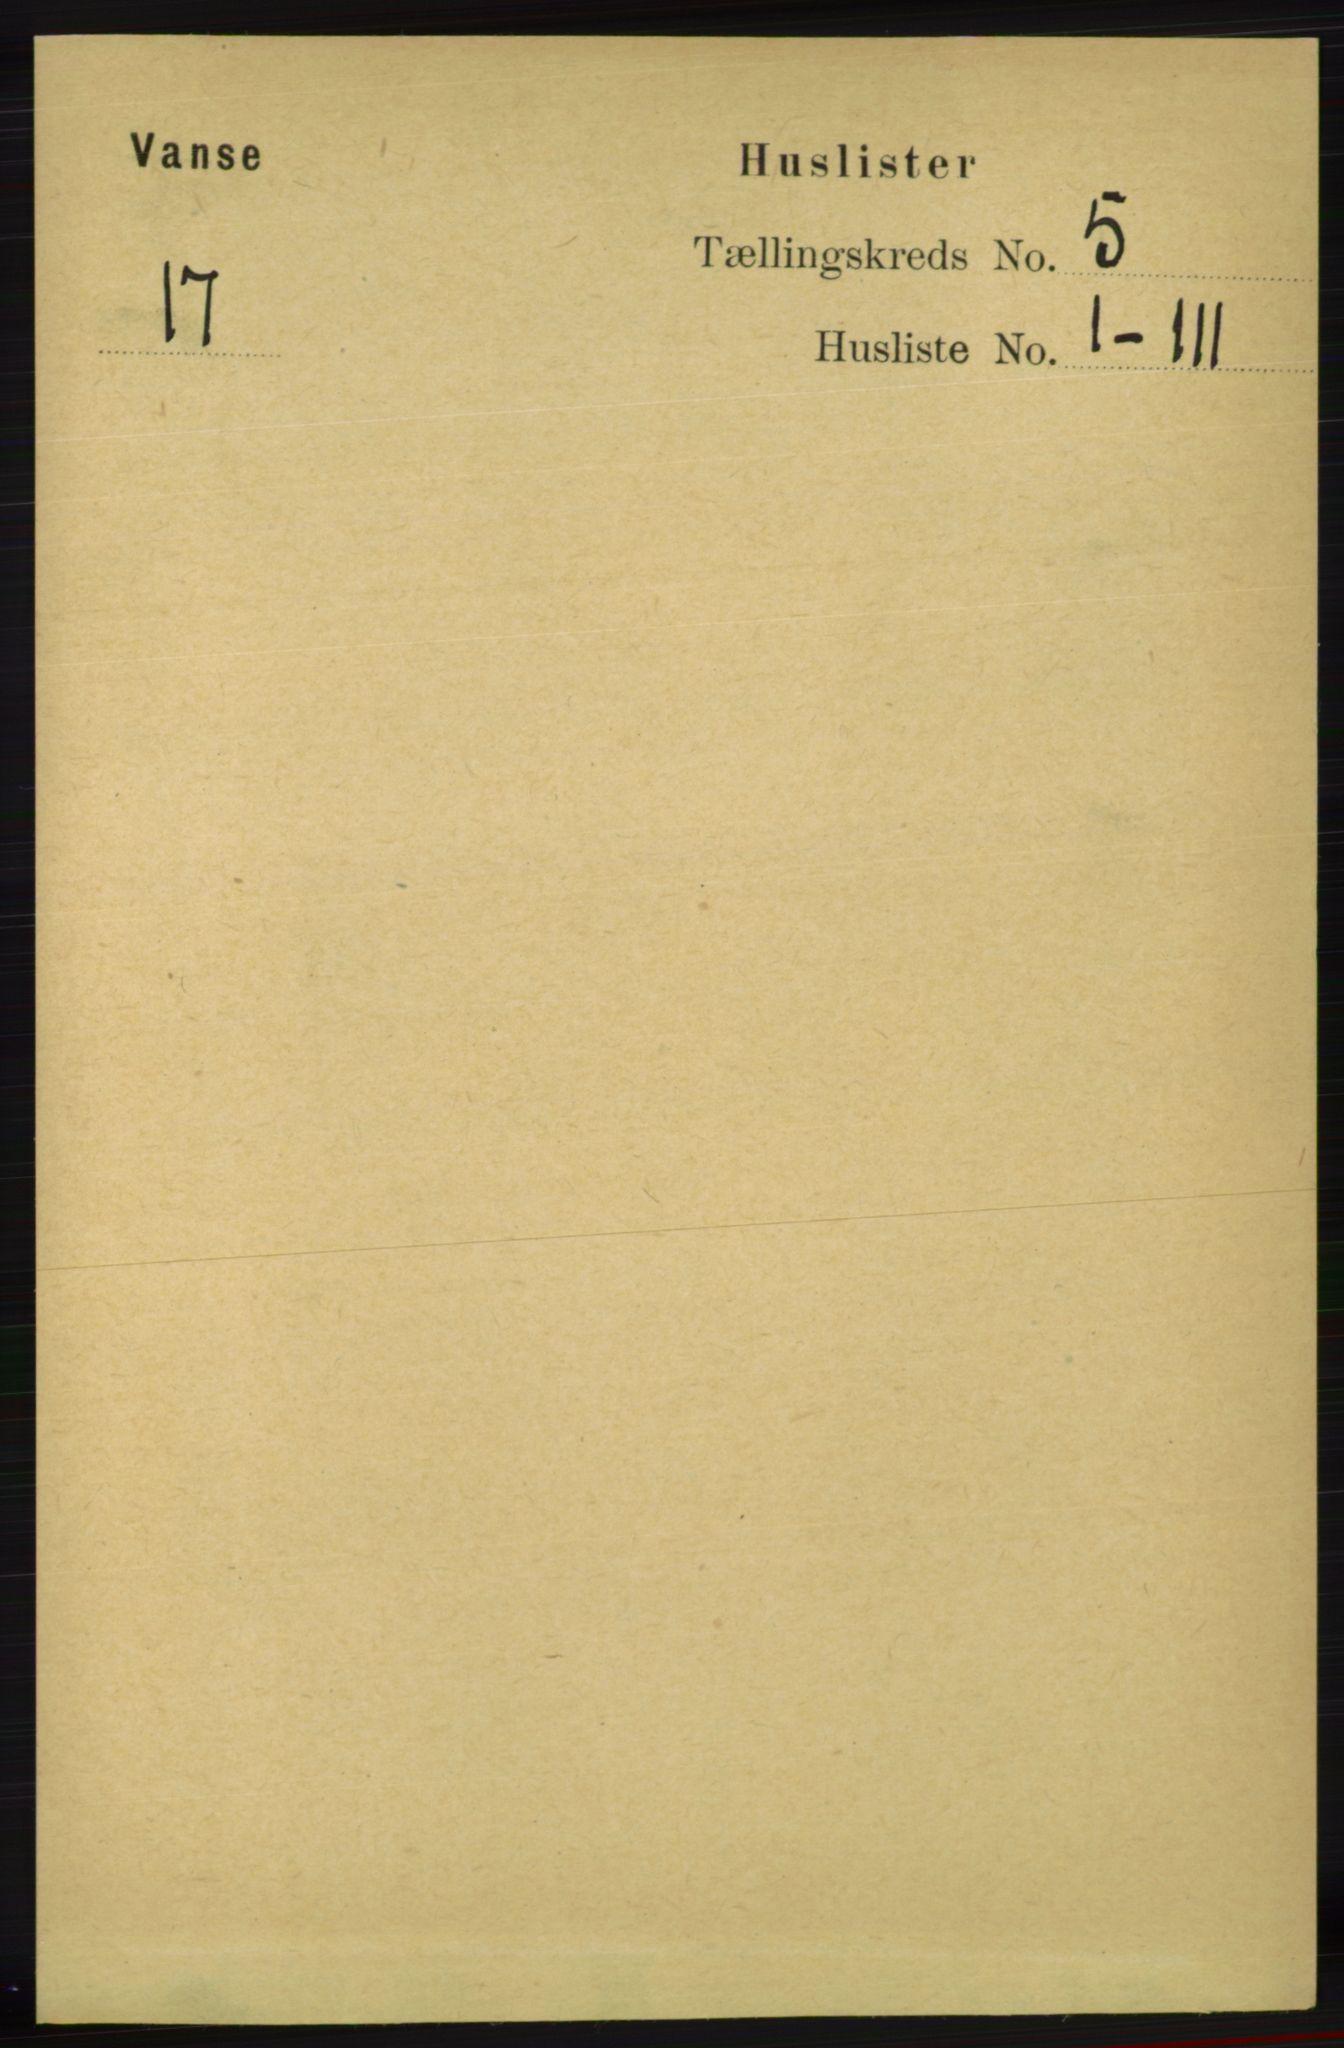 RA, Folketelling 1891 for 1041 Vanse herred, 1891, s. 2680